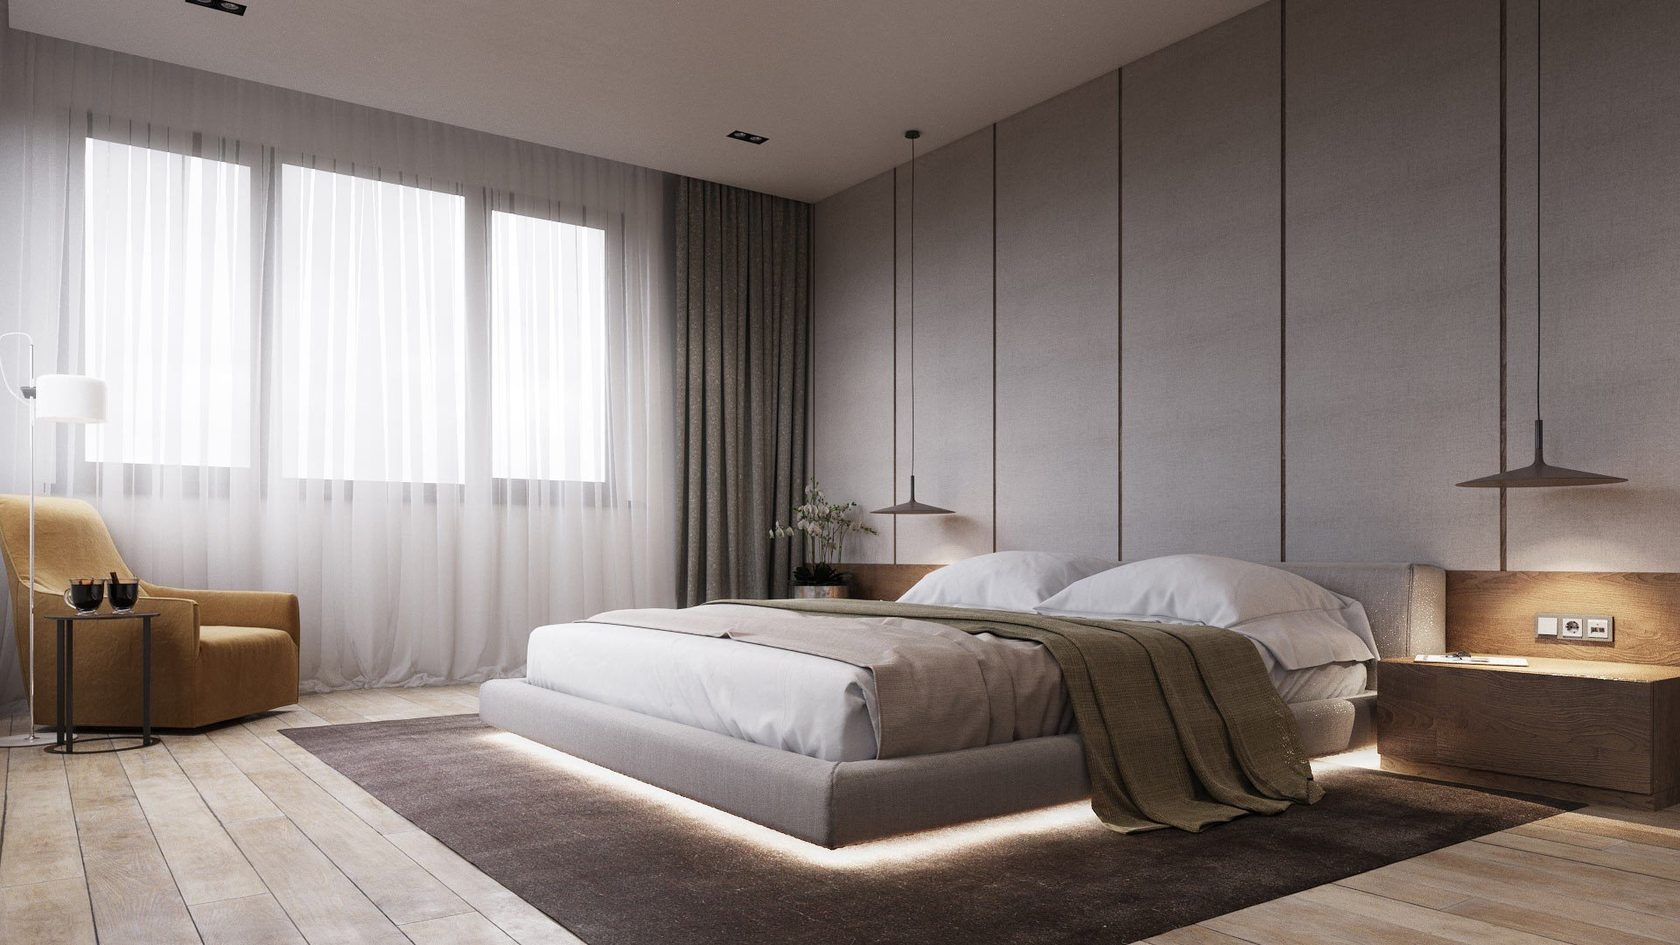 Tendances chambre à coucher 2020: idées de conception et de décoration